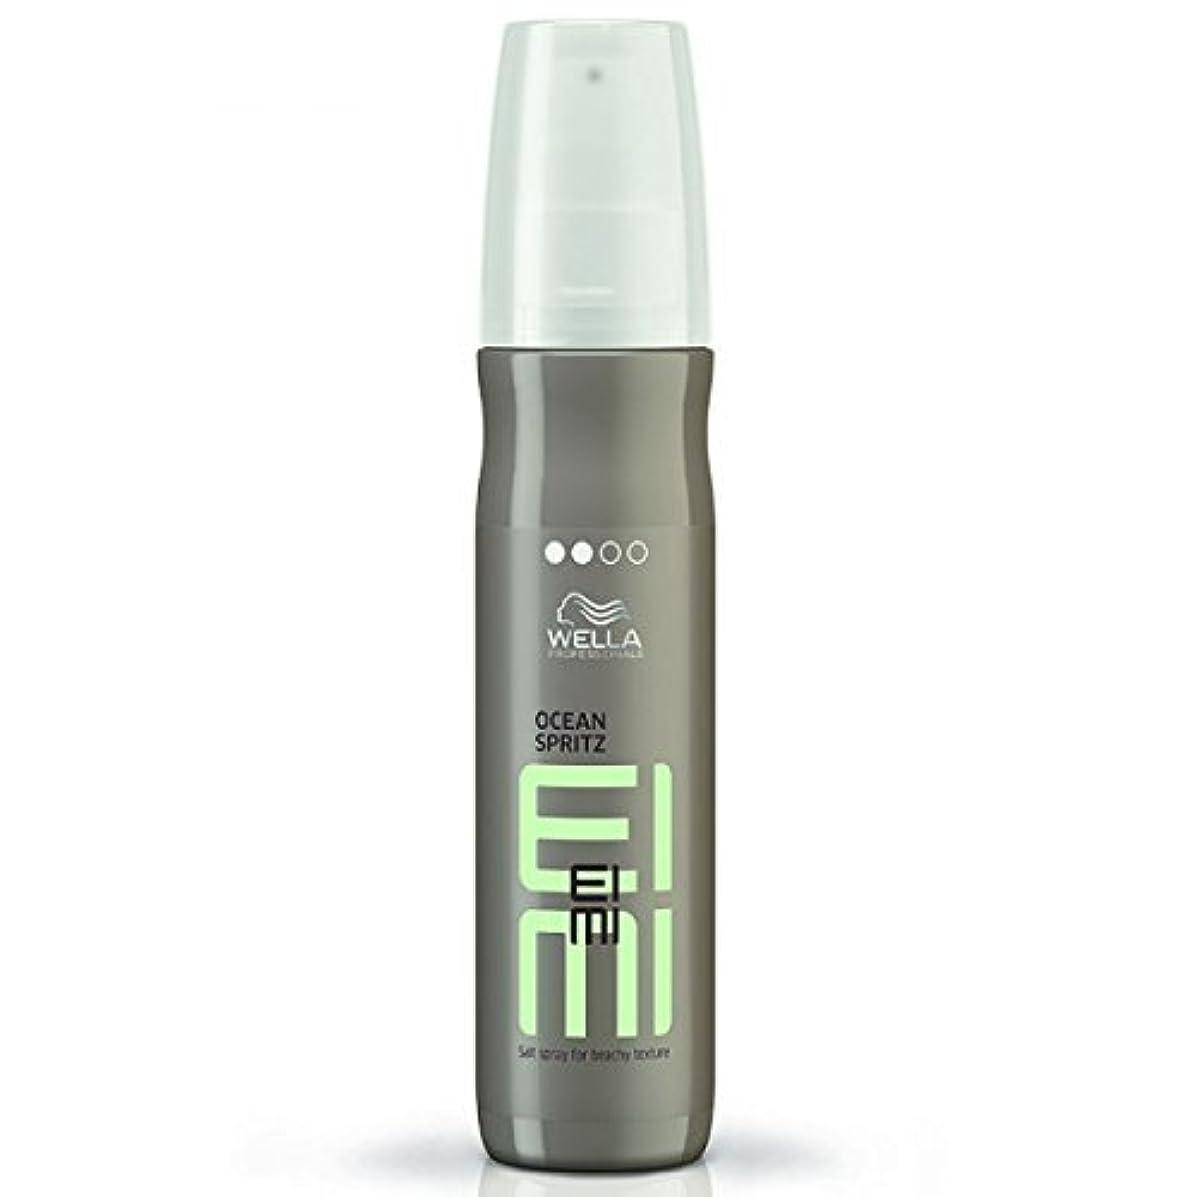 意味偽善者お金ゴムWella EIMI Ocean Spritz - Salt Spray For Beachy Hair Texture 150 ml [並行輸入品]